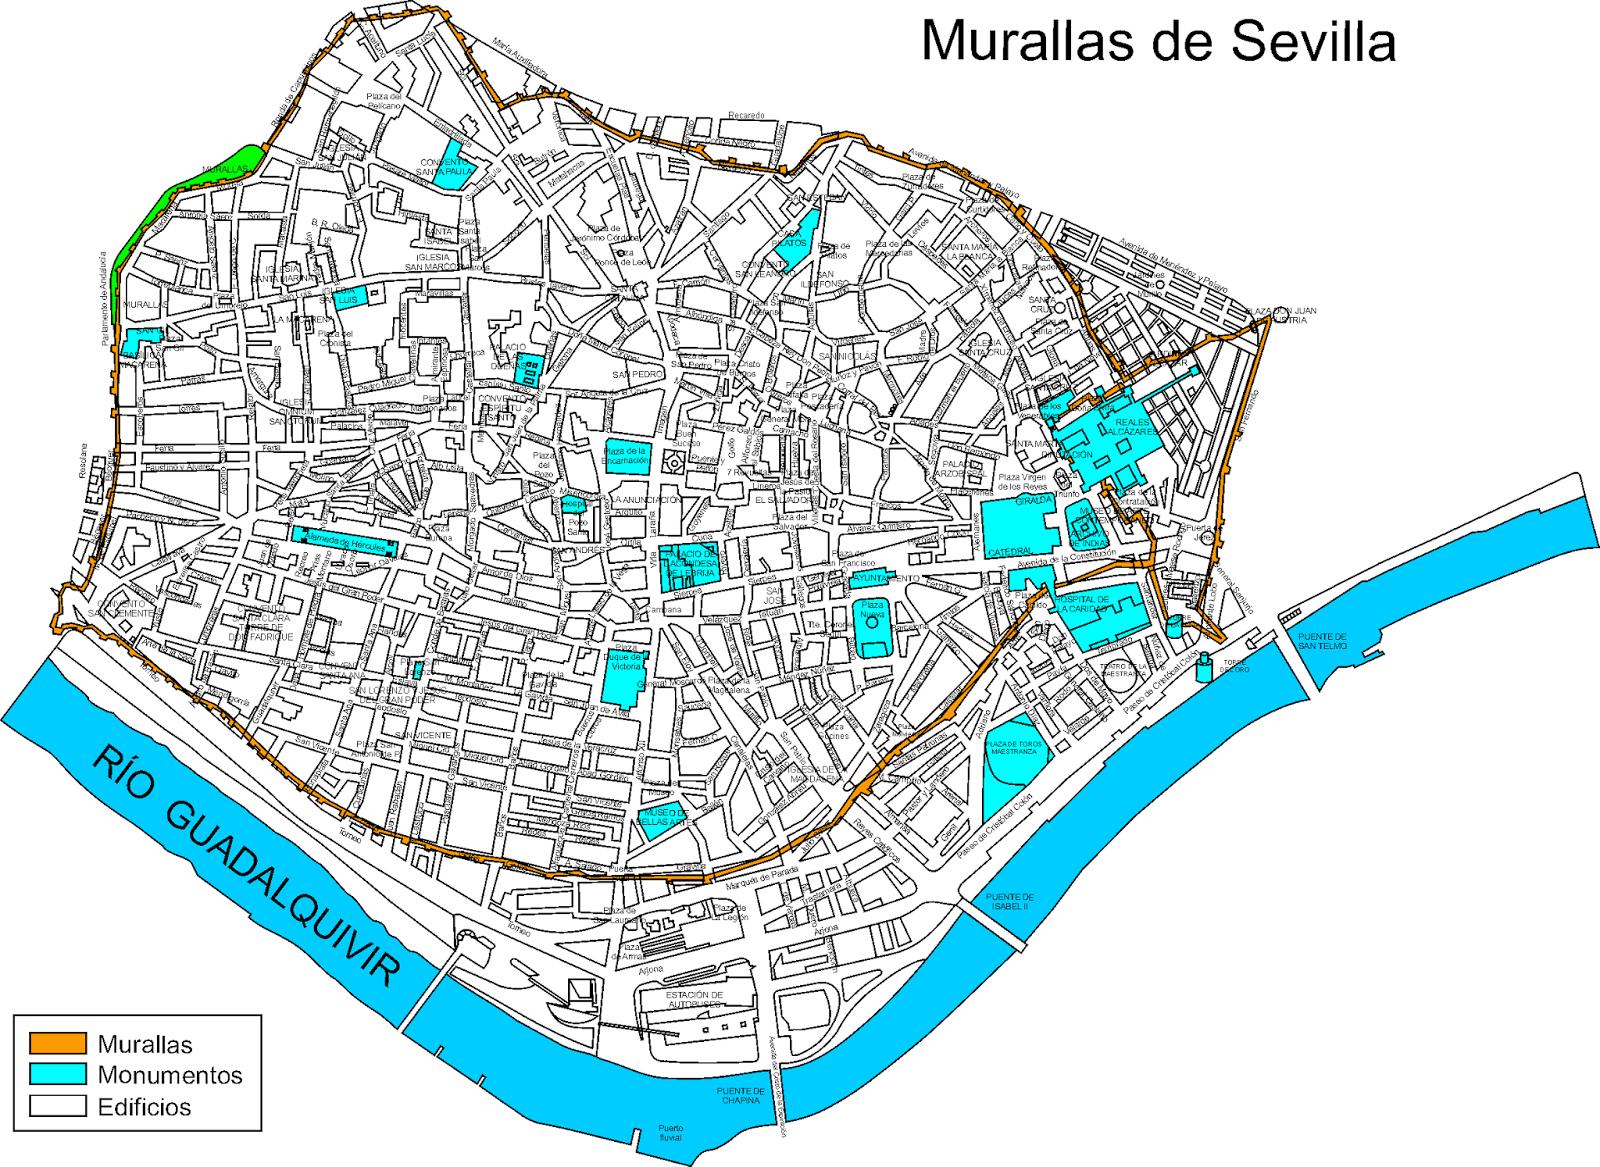 Las murallas de Sevilla